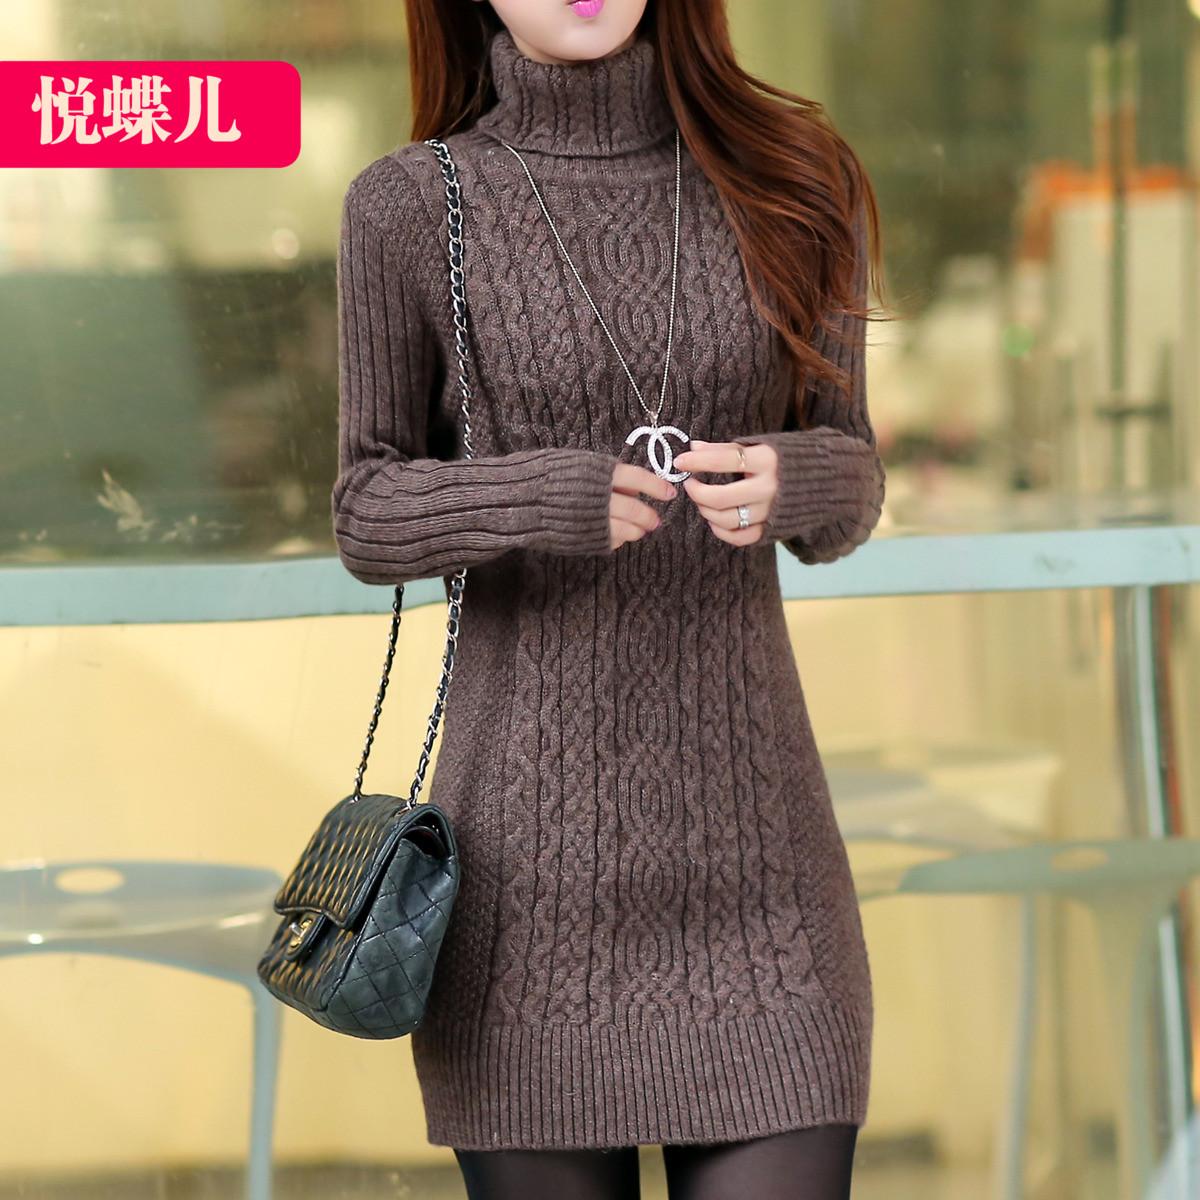 高领毛衣女中长款套头打底衫修身秋冬季新款麻花针织衫加厚毛衣裙